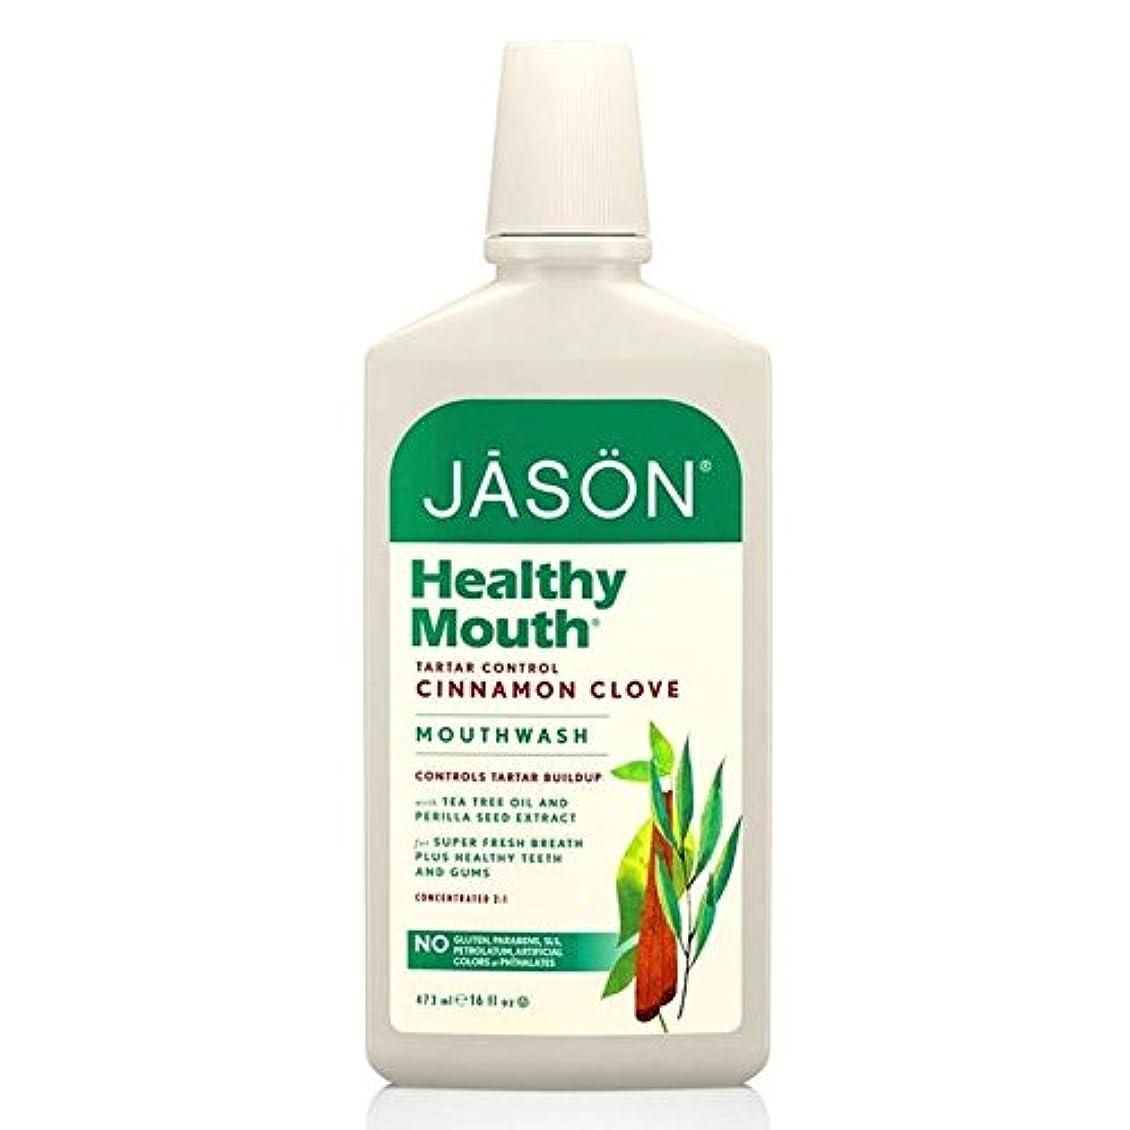 パキスタン人最終的に強いますジェイソン?健康マウスウォッシュ480ミリリットル x4 - Jason Healthy Mouthwash 480ml (Pack of 4) [並行輸入品]